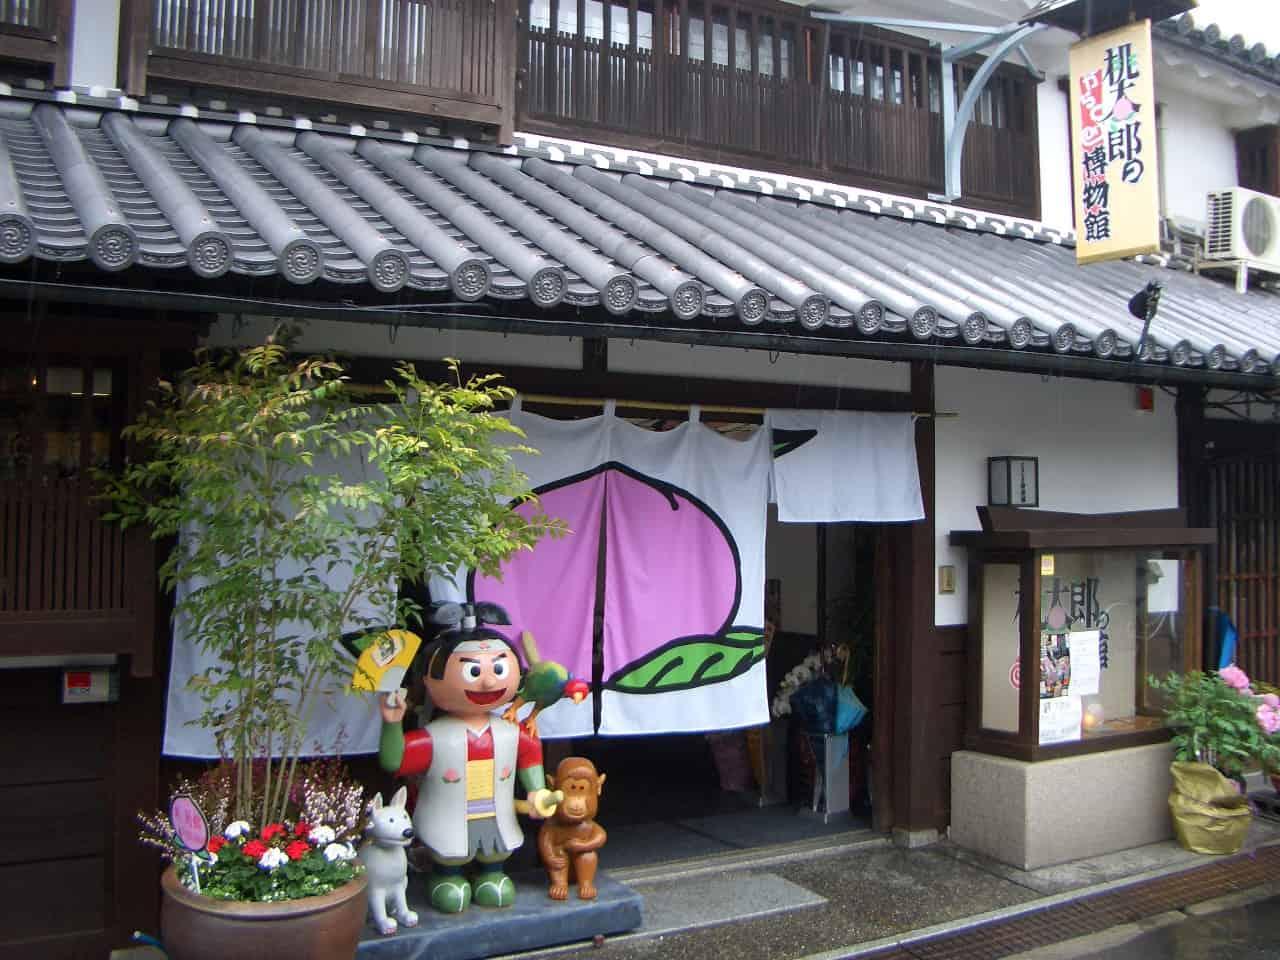 Museums in Kurashiki - Momotaro Karakuri Hakubutsukan Museum